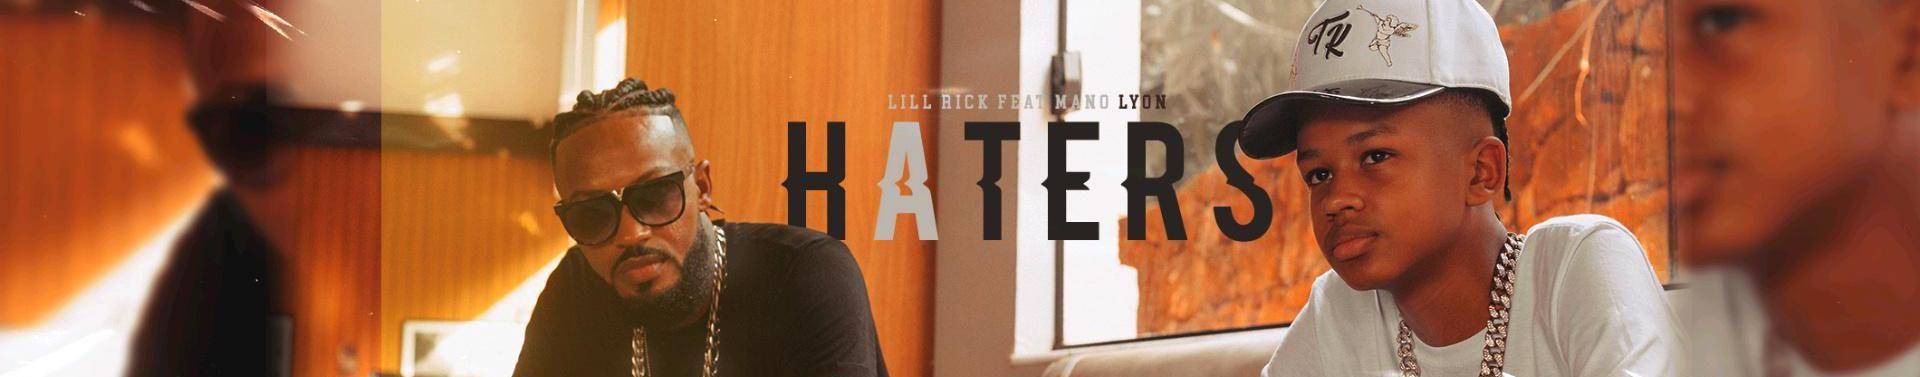 Imagem de capa de Lill Rick